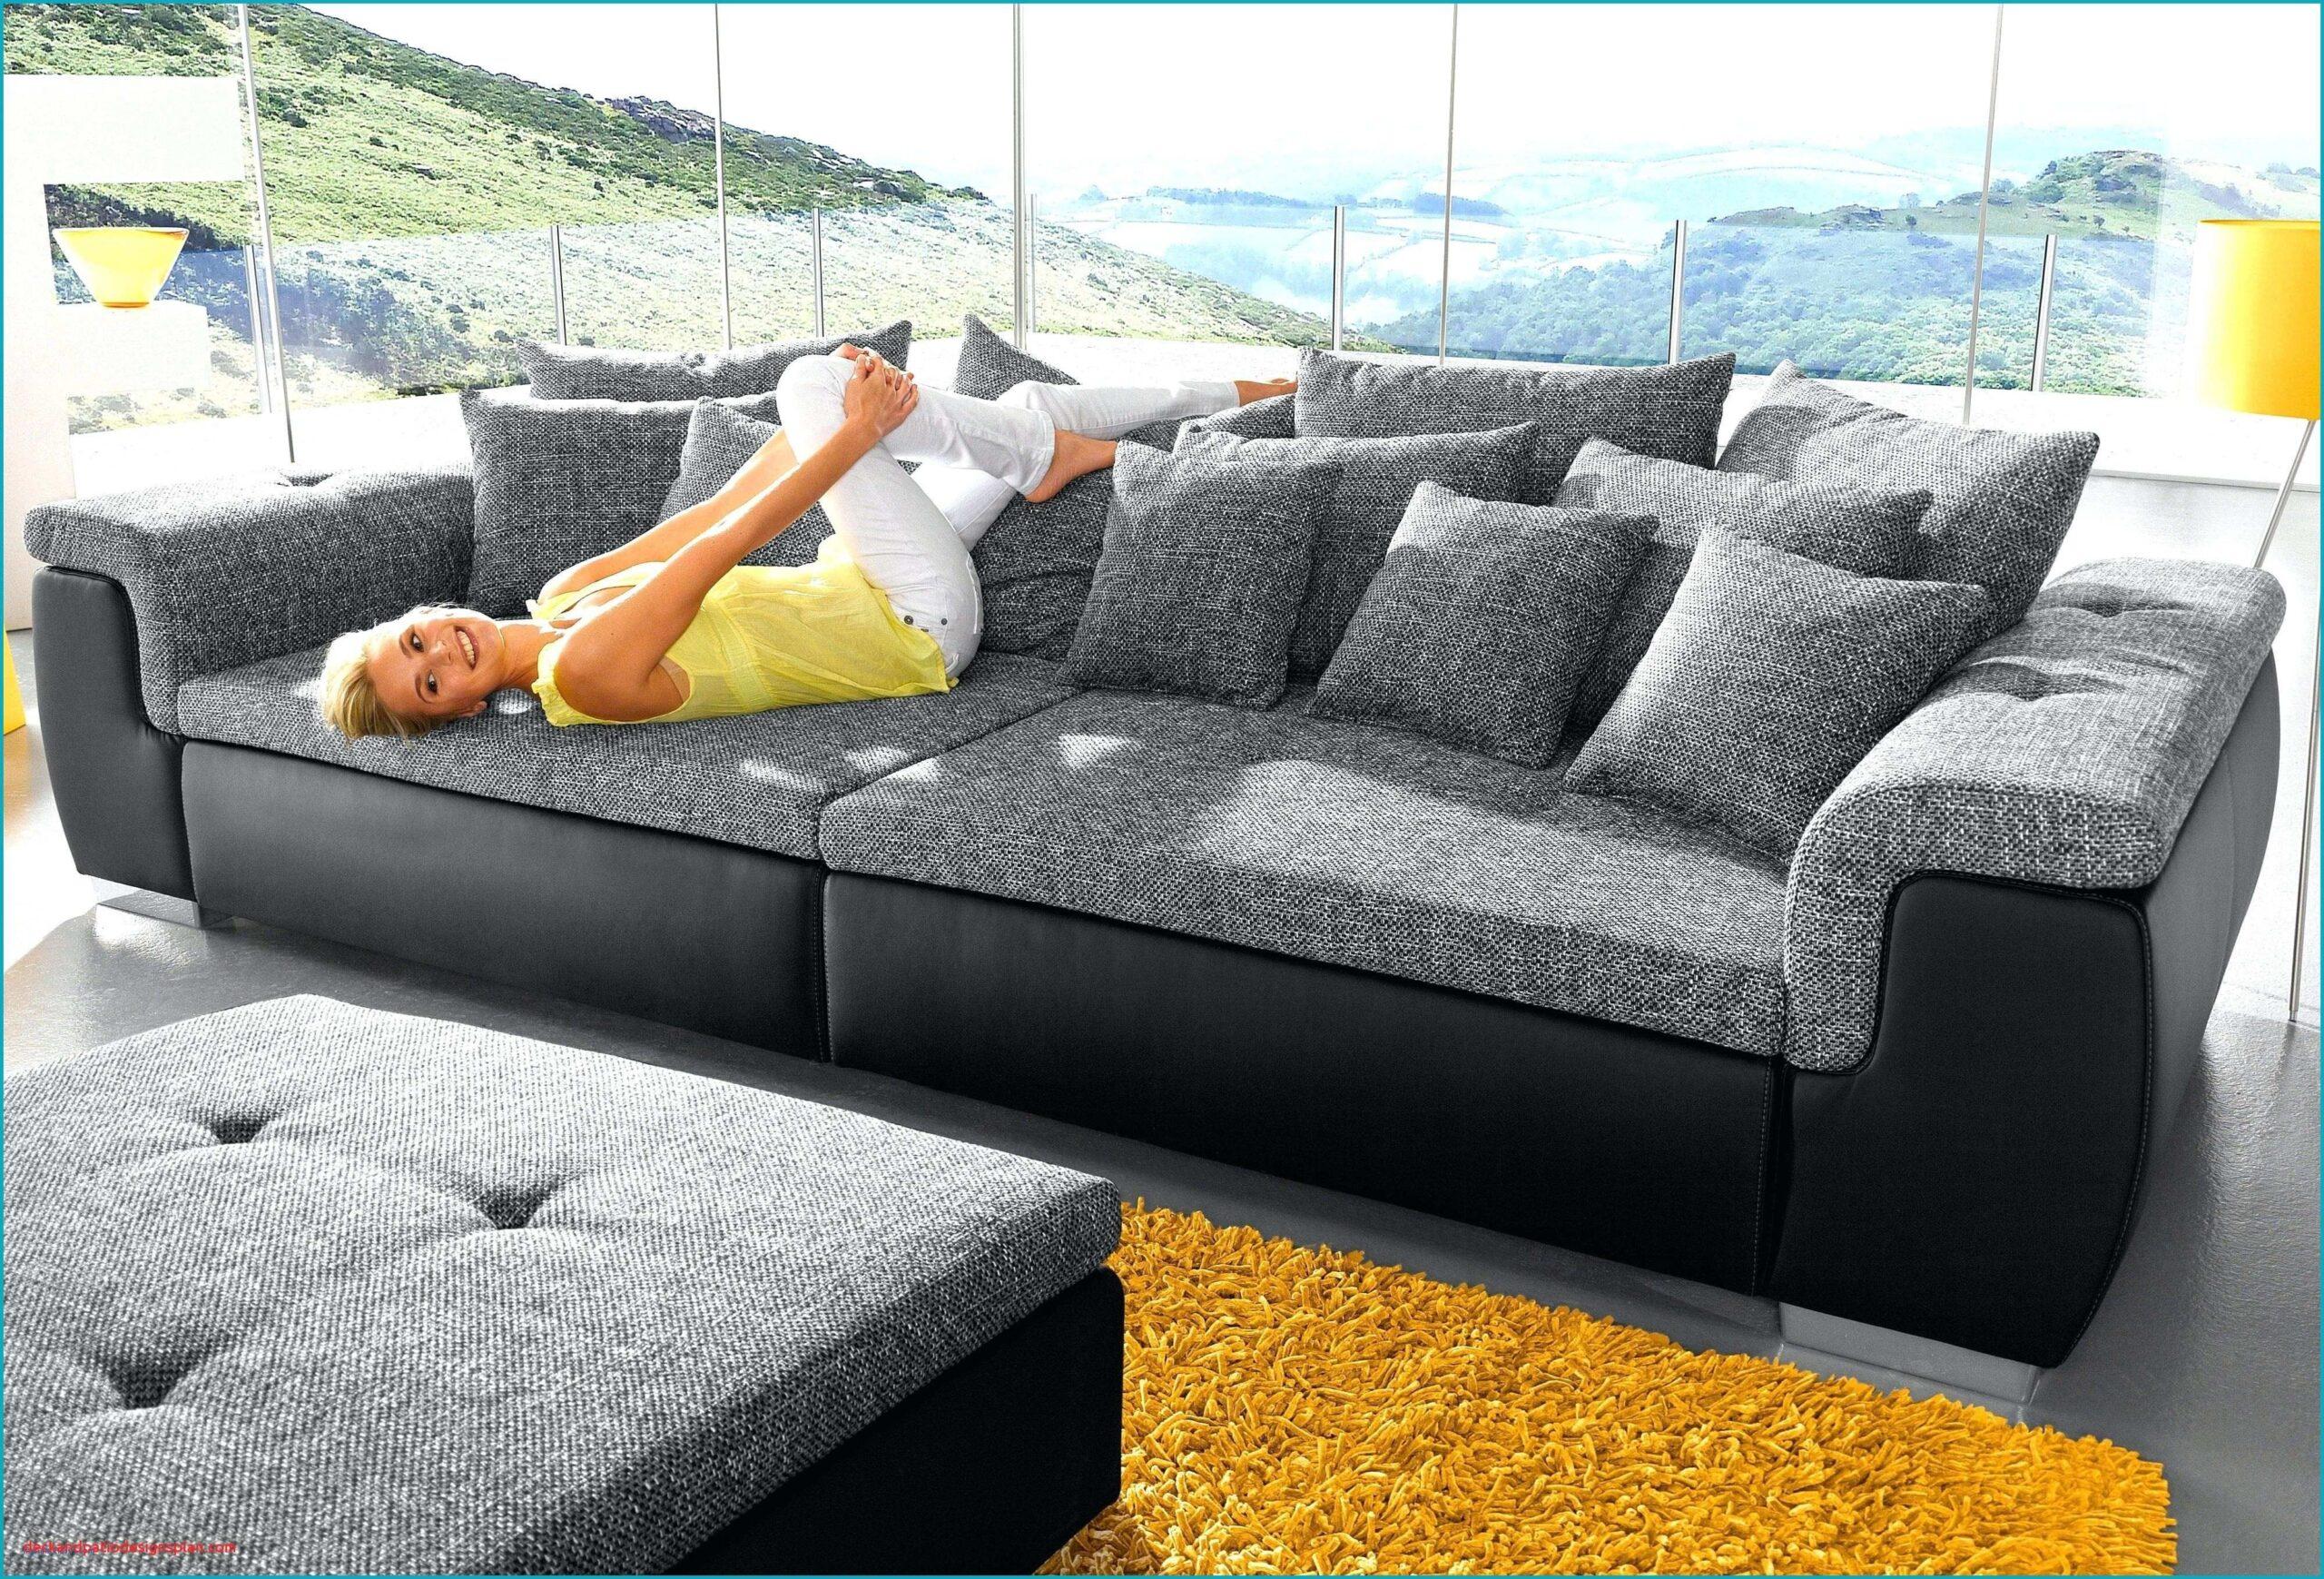 Full Size of Xxl Sofa U Form Halbrundes Bett Mit Schubladen 160x200 Dusche Komplett Set Verkaufen Jugendzimmer Auf Raten Küche Wandverkleidung Wärmeschutzfolie Fenster Sofa Xxl Sofa U Form